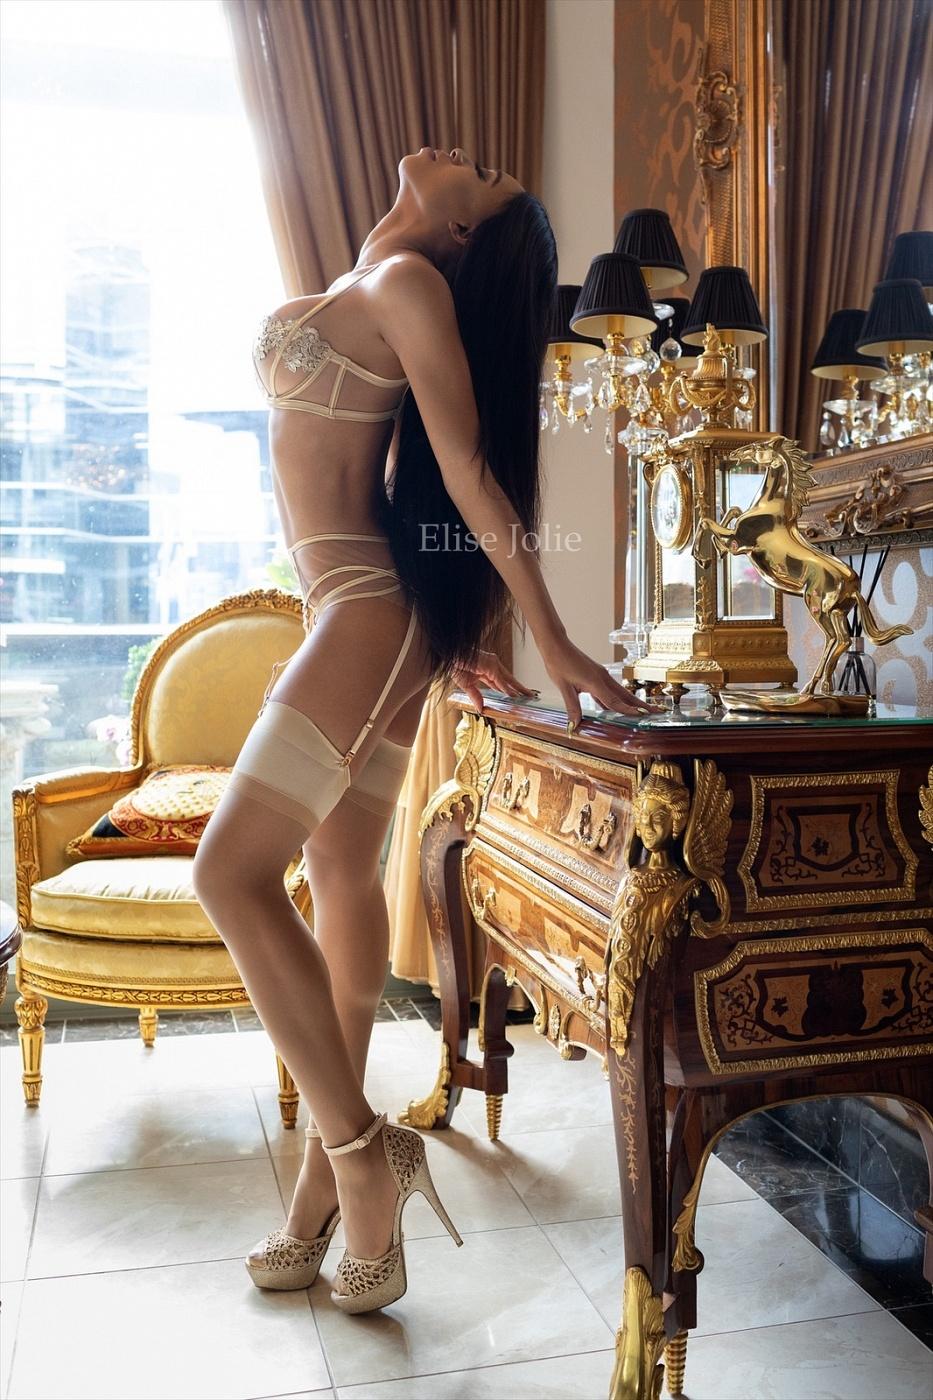 Elise Jolie